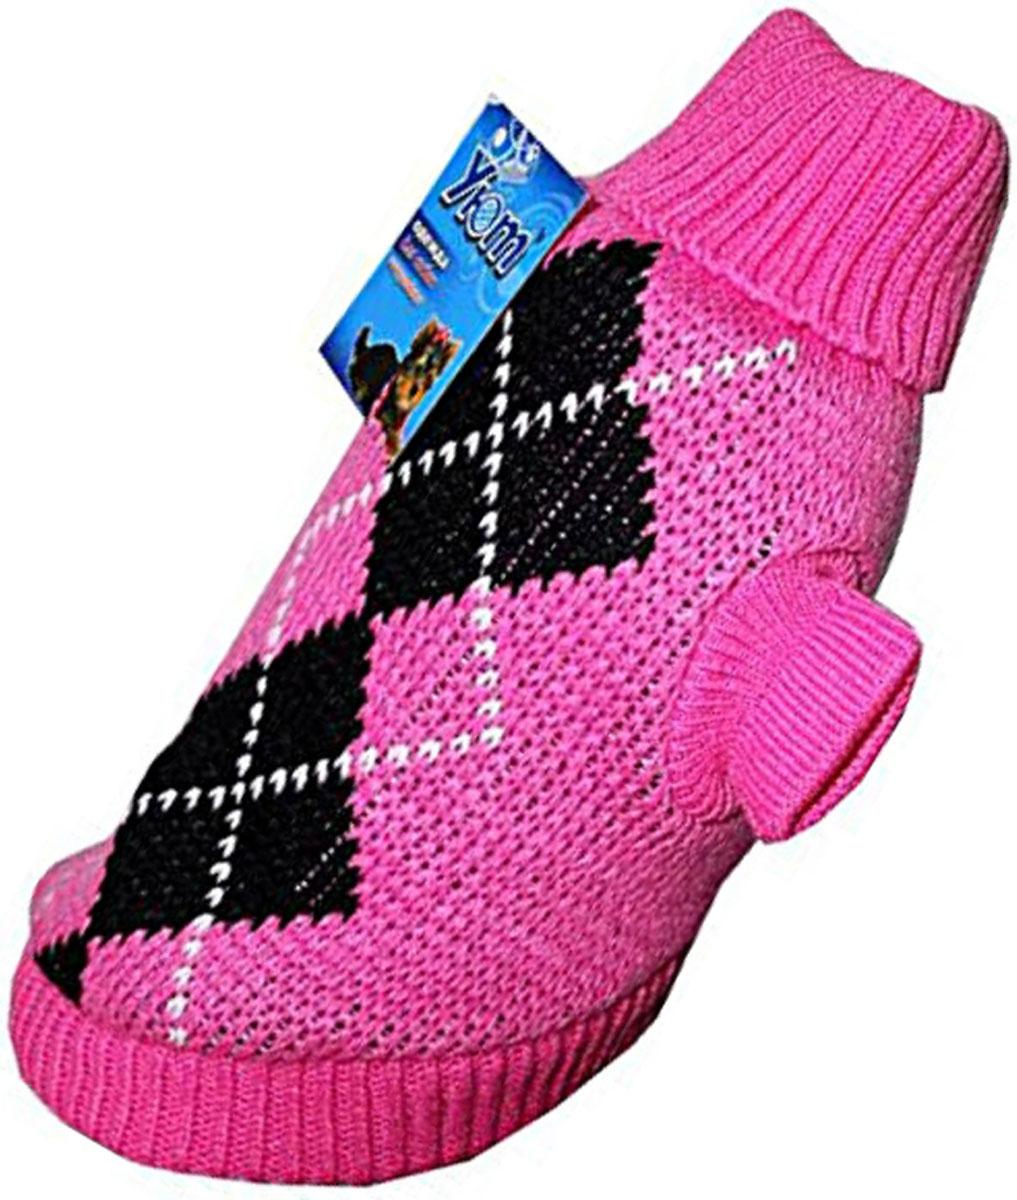 Свитер для собак Уют, для девочки, цвет: розовый. НМ11С. Размер SНМ11СКрасивый вязаный свитер для собак Уют выполнен из акрила. Рукава, воротник и низ изделия дополнены эластичными трикотажными резинками для плотного прилегания. Модель декорирована красивым рисунком в виде ромбов. В таком свитере вашей собачке будет тепло и уютно. Обхват шеи: 24-27 см.Обхват груди: 34-40 см.Длина спинки: 25 см.Одежда для собак: нужна ли она и как её выбрать. Статья OZON Гид